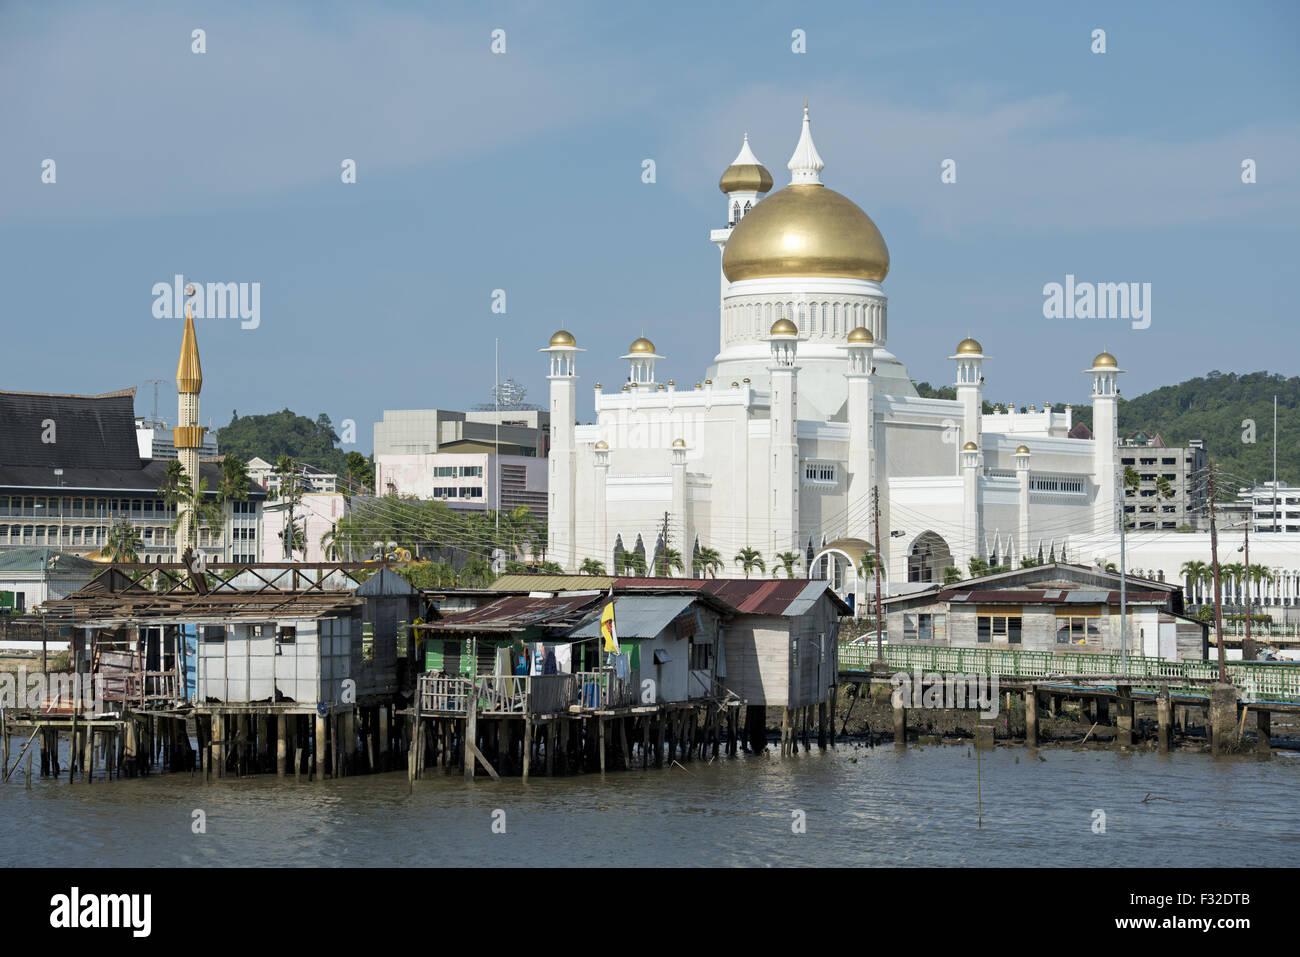 Vista verso la moschea in baracche su palafitte in fiume, Sultan Moschea di Omar Ali Saifuddien, acqua Village (Kampong Immagini Stock